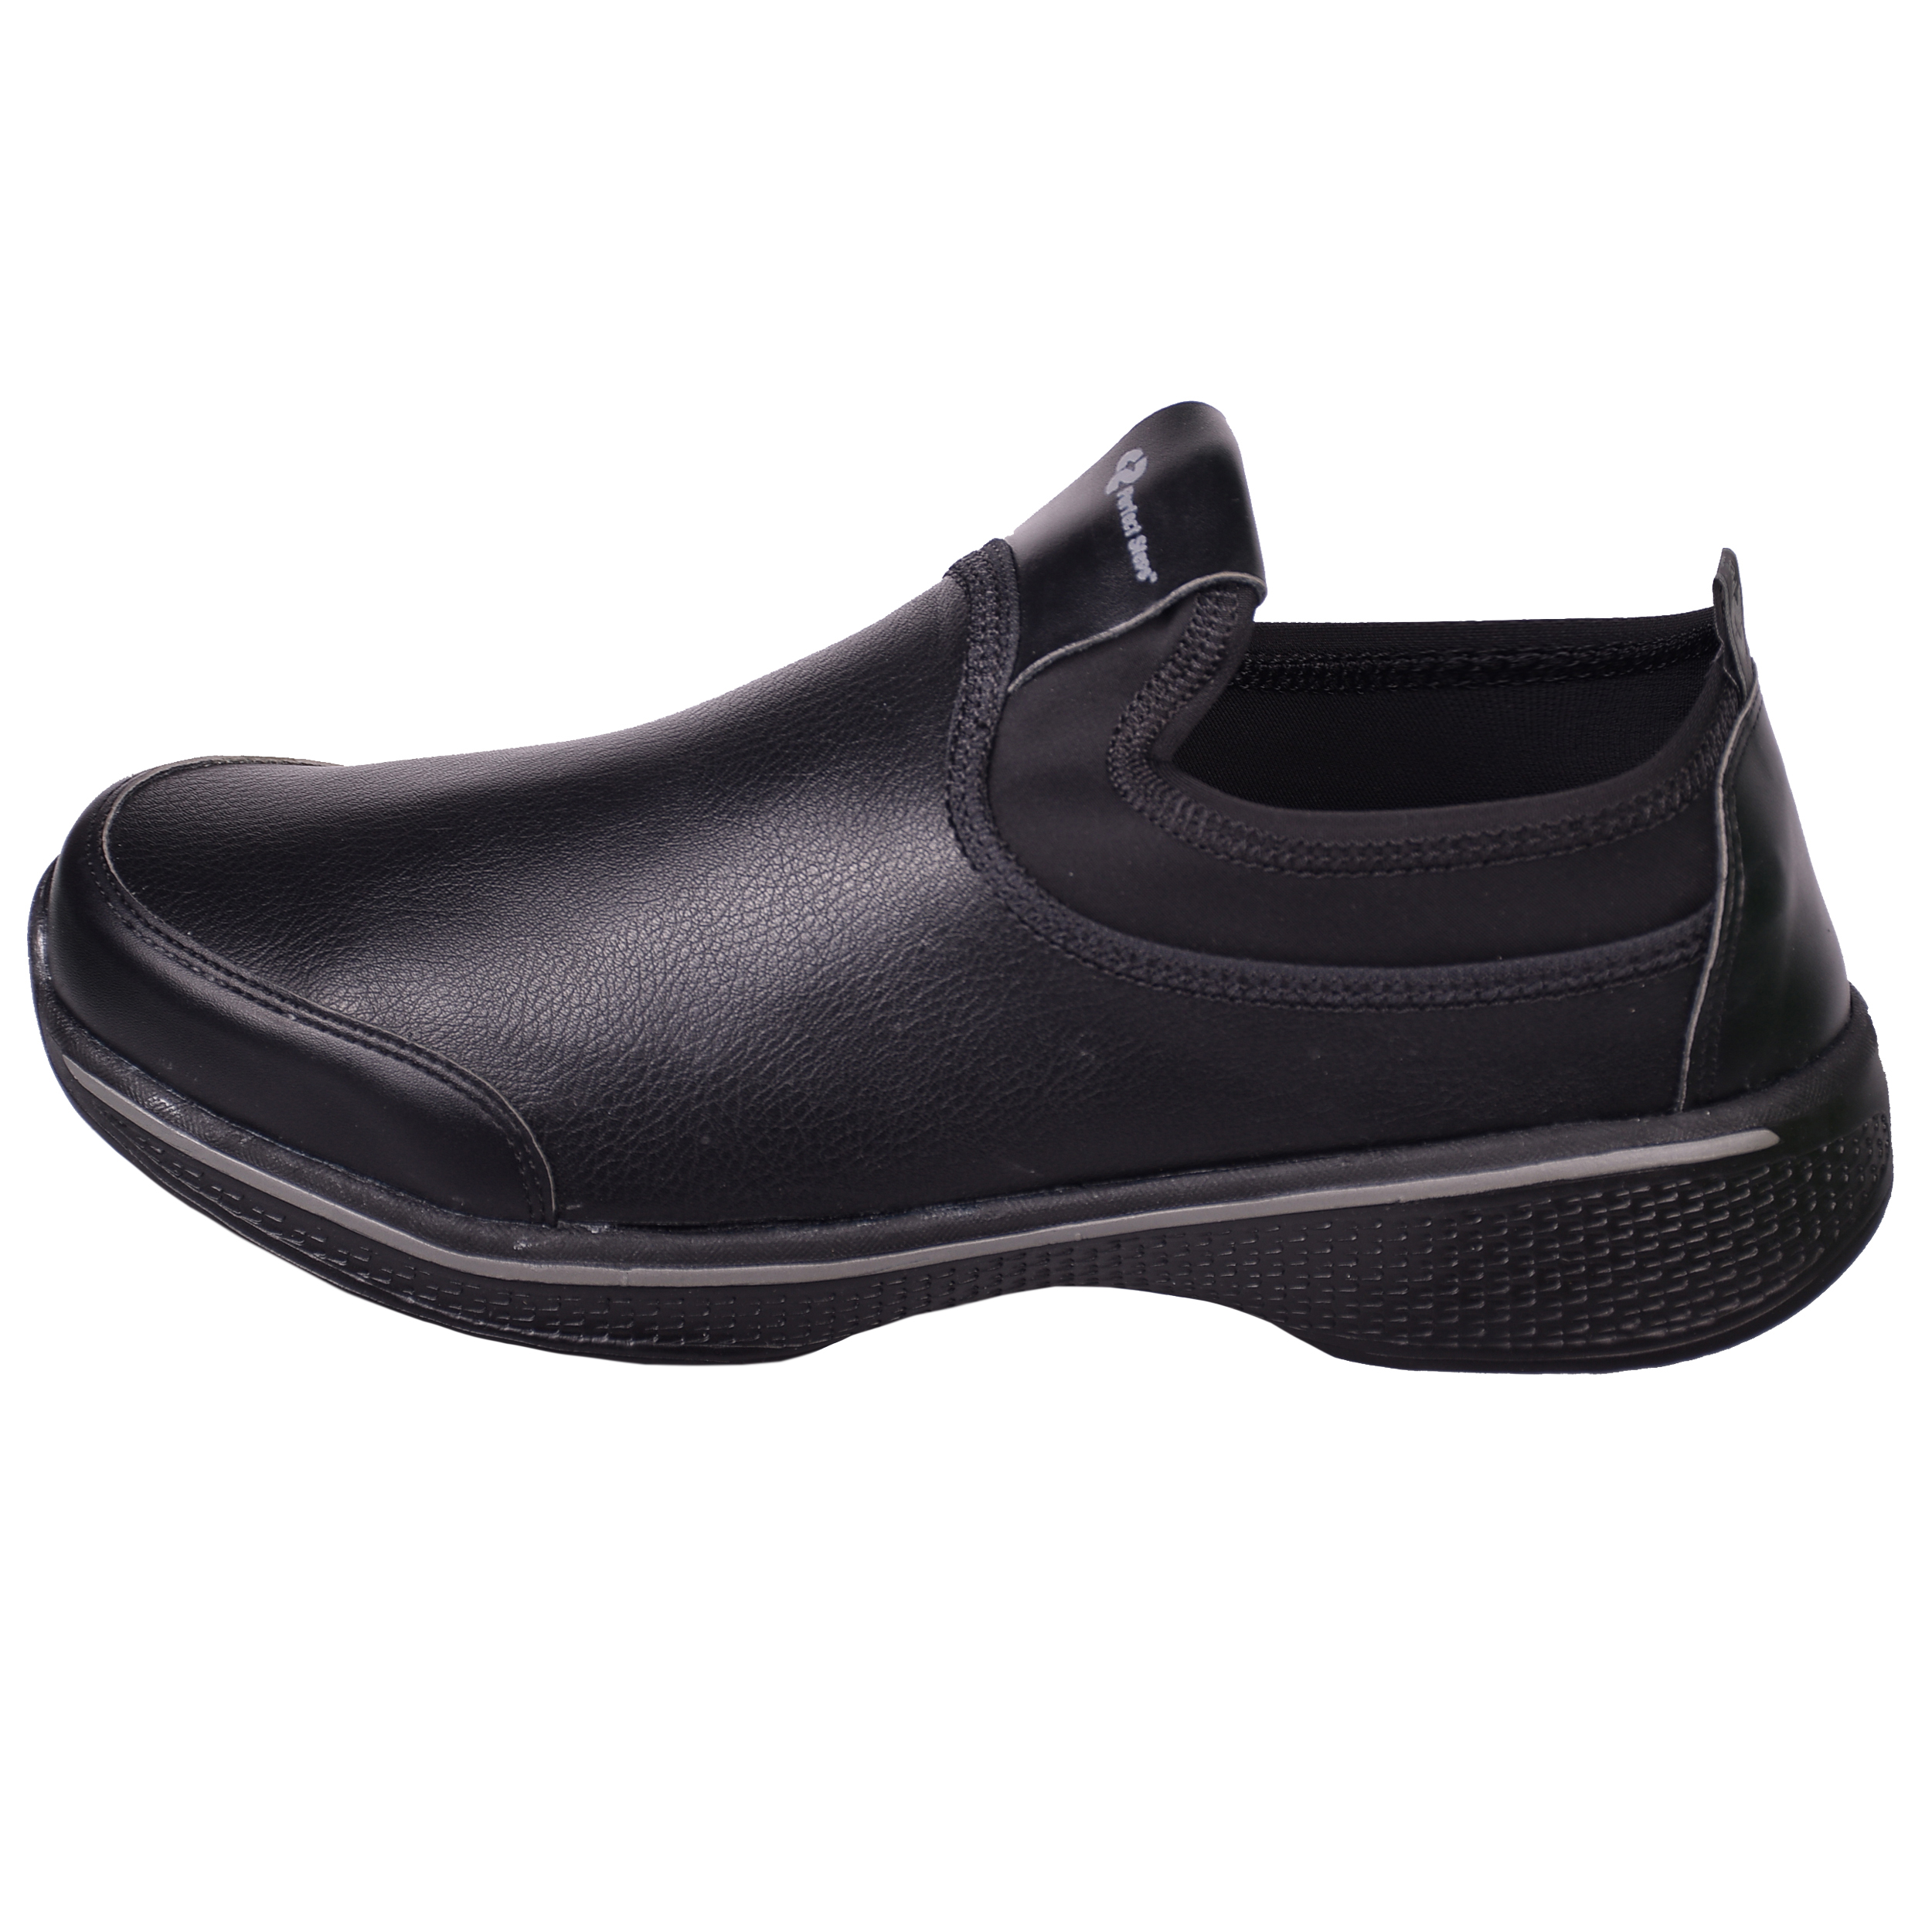 کفش مخصوص پیاده روی مردانه پرفکت استپس مدل سولو کد 2-1940